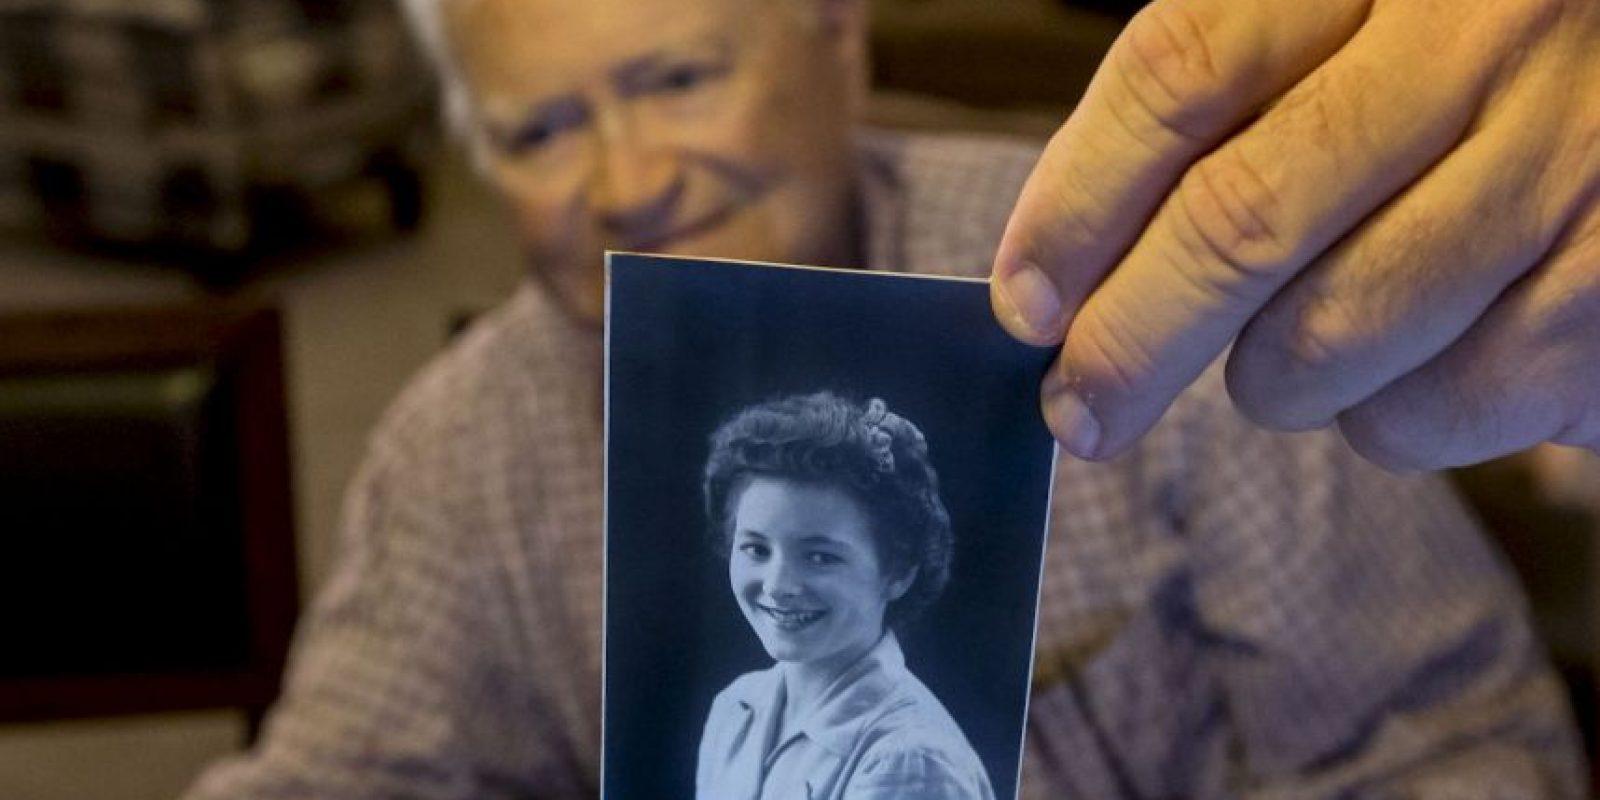 Norwood Thomas incluso conserva una fotografía de quien fuera su novia Foto:AP